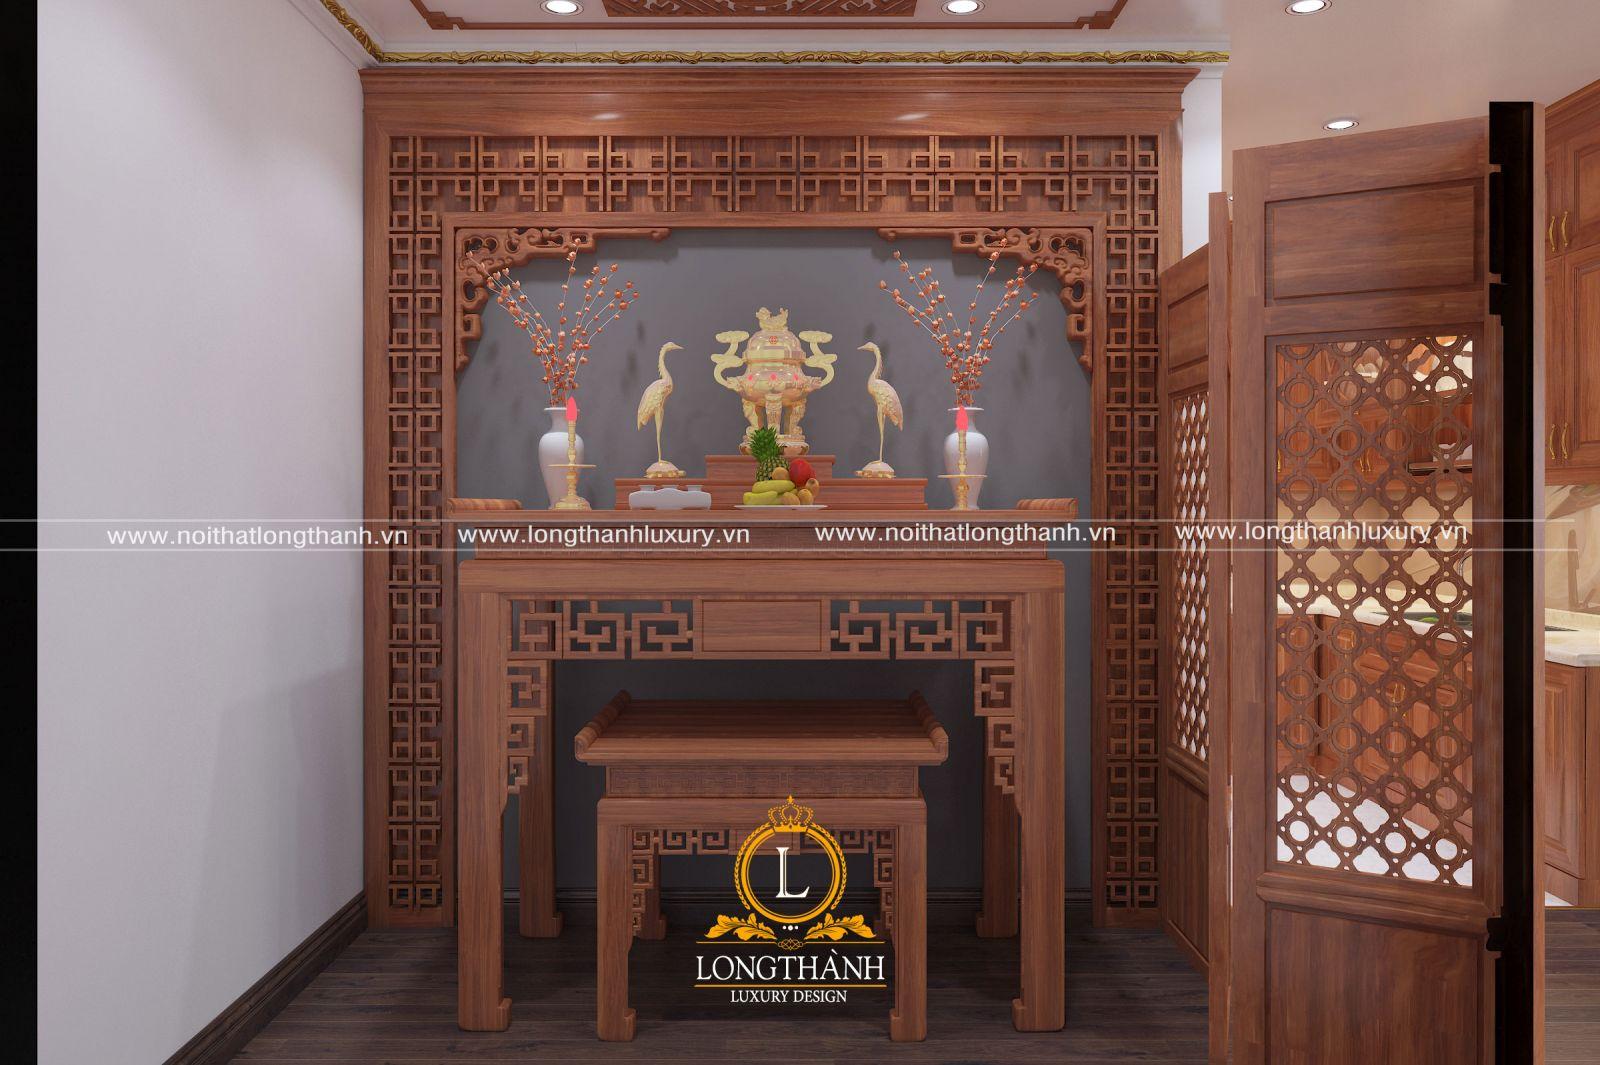 Thiết kế bàn thờ cho nhà chung cư sang trọng tôn nghiêm